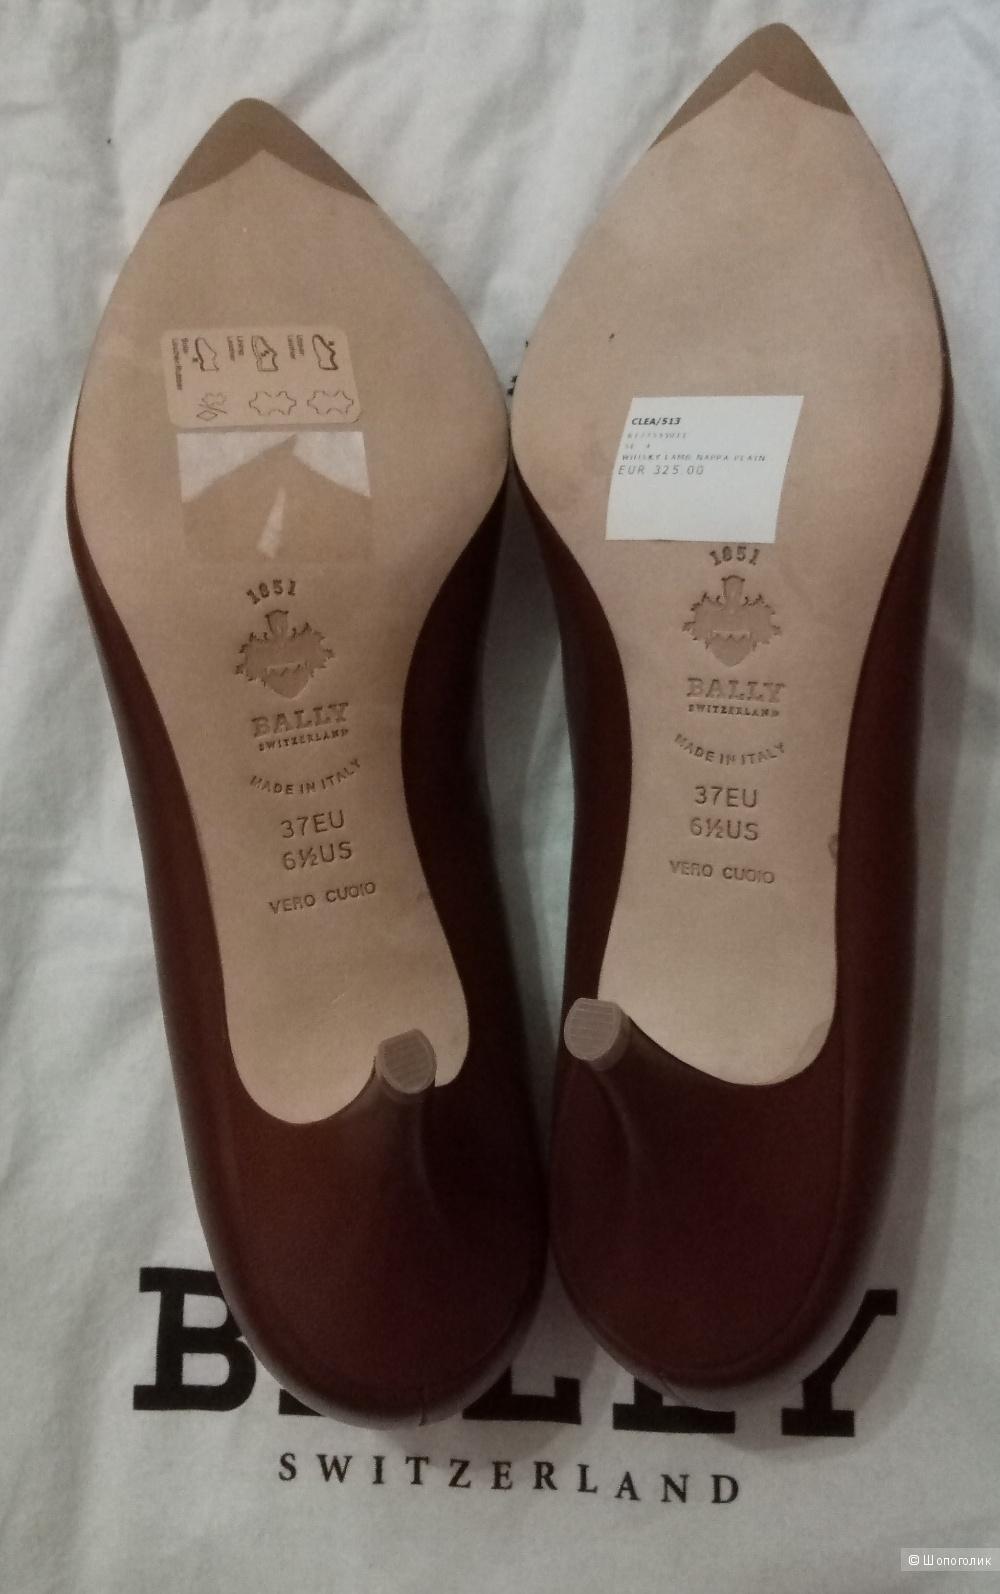 Классические туфли Bally Switzerland, 37